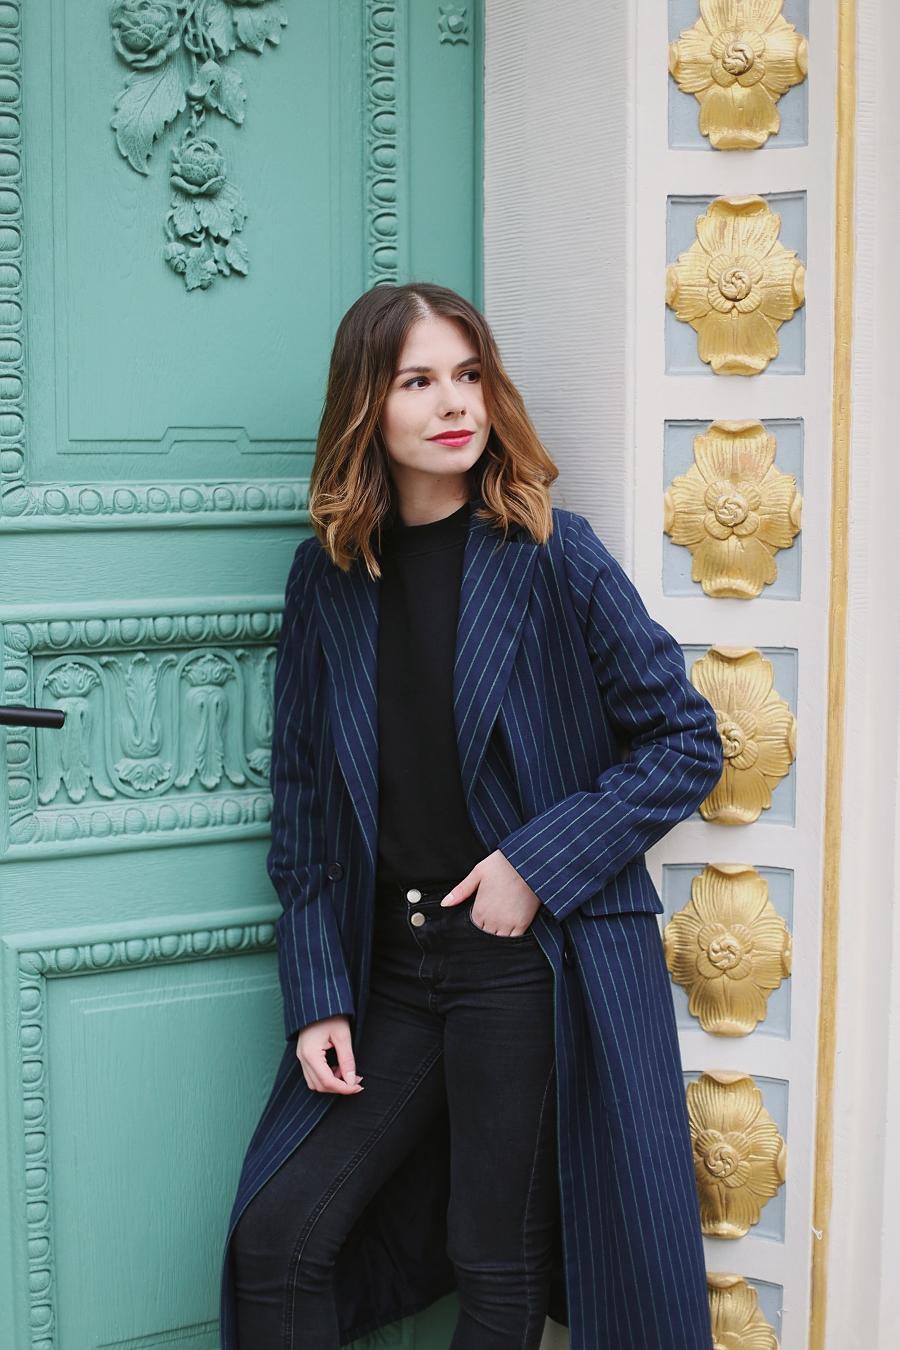 bluza - haftowane róże, płaszcz w pionowe paski